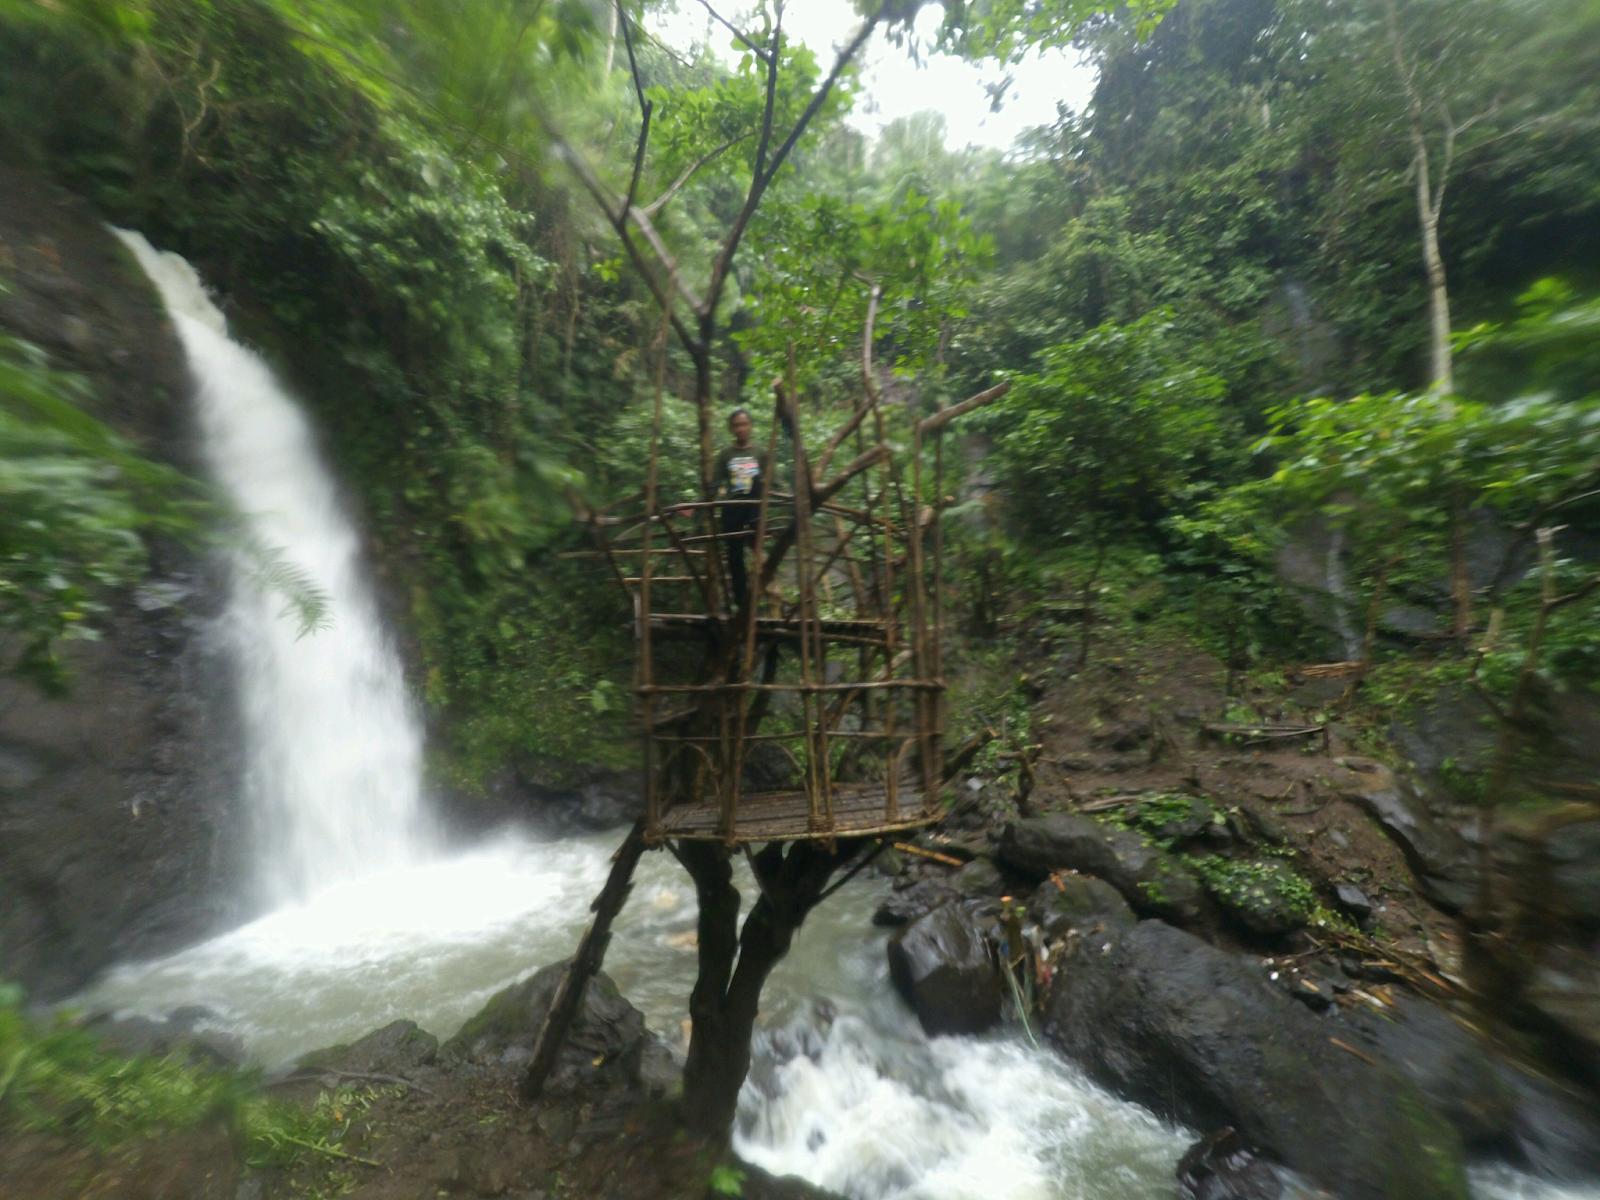 Destinasi Jawa Timur Coban Gintung Terletak Kecamatan Ampelgading Malang Selatan